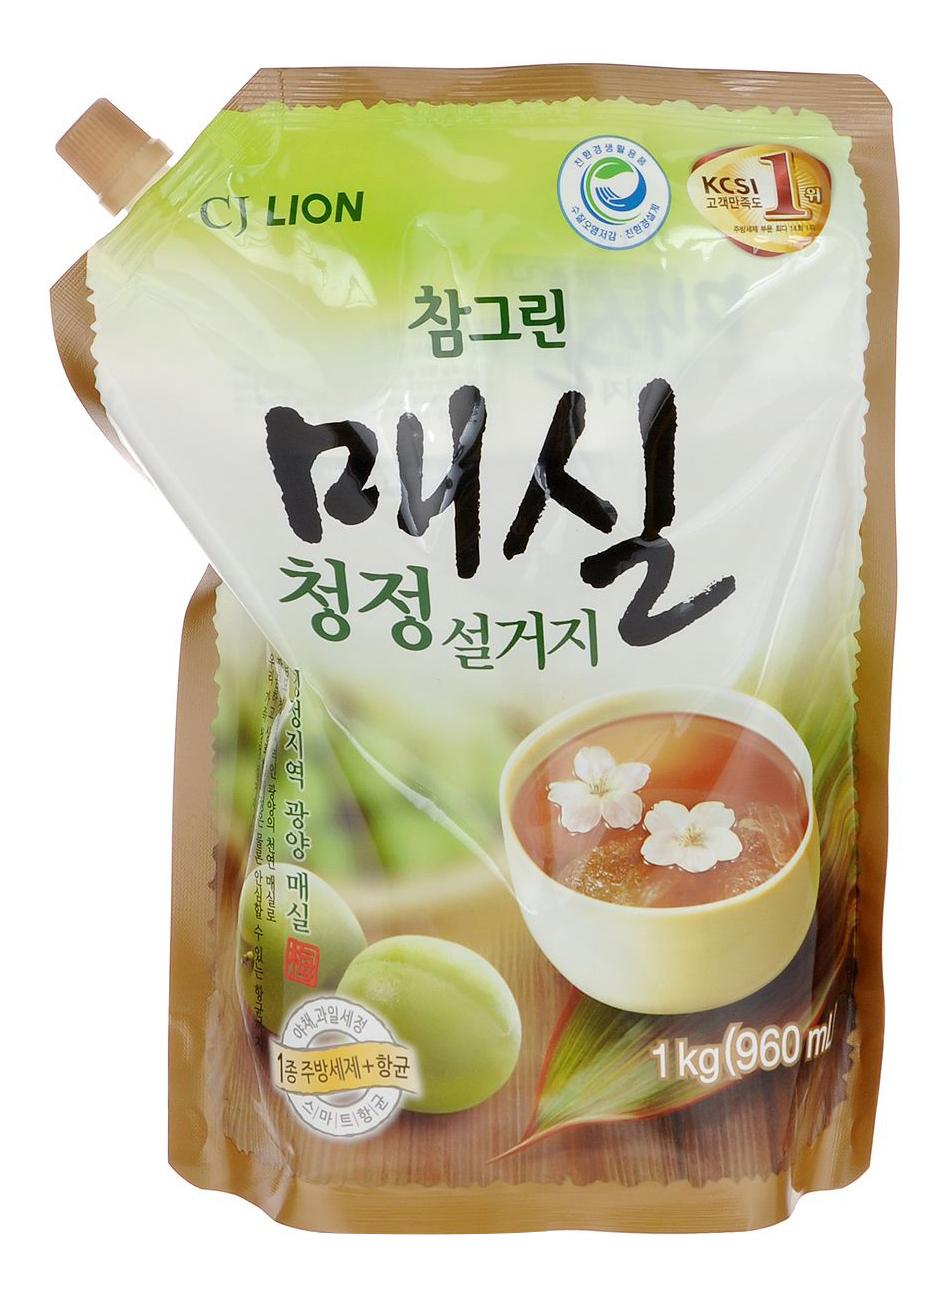 Средство для мытья посуды овощей фруктов CJ Lion сhamgreen японский абрикос 960 мл